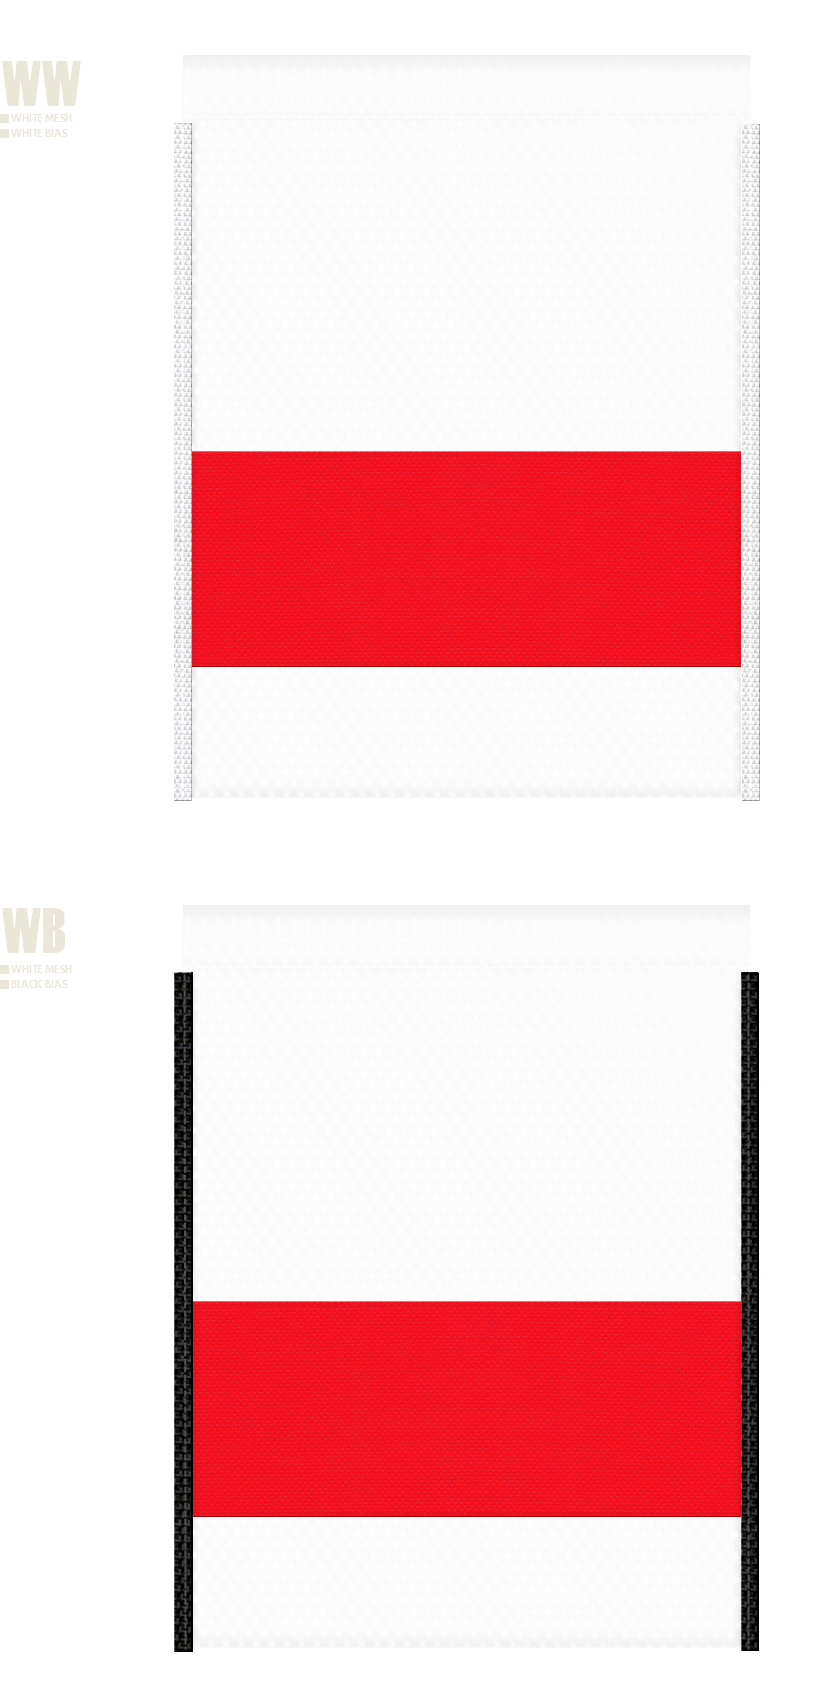 白色メッシュと赤色不織布のメッシュバッグカラーシミュレーション:キャンプ用品・アウトドア用品・スポーツ用品・シューズバッグ・クリスマスのショッピングバッグにお奨め